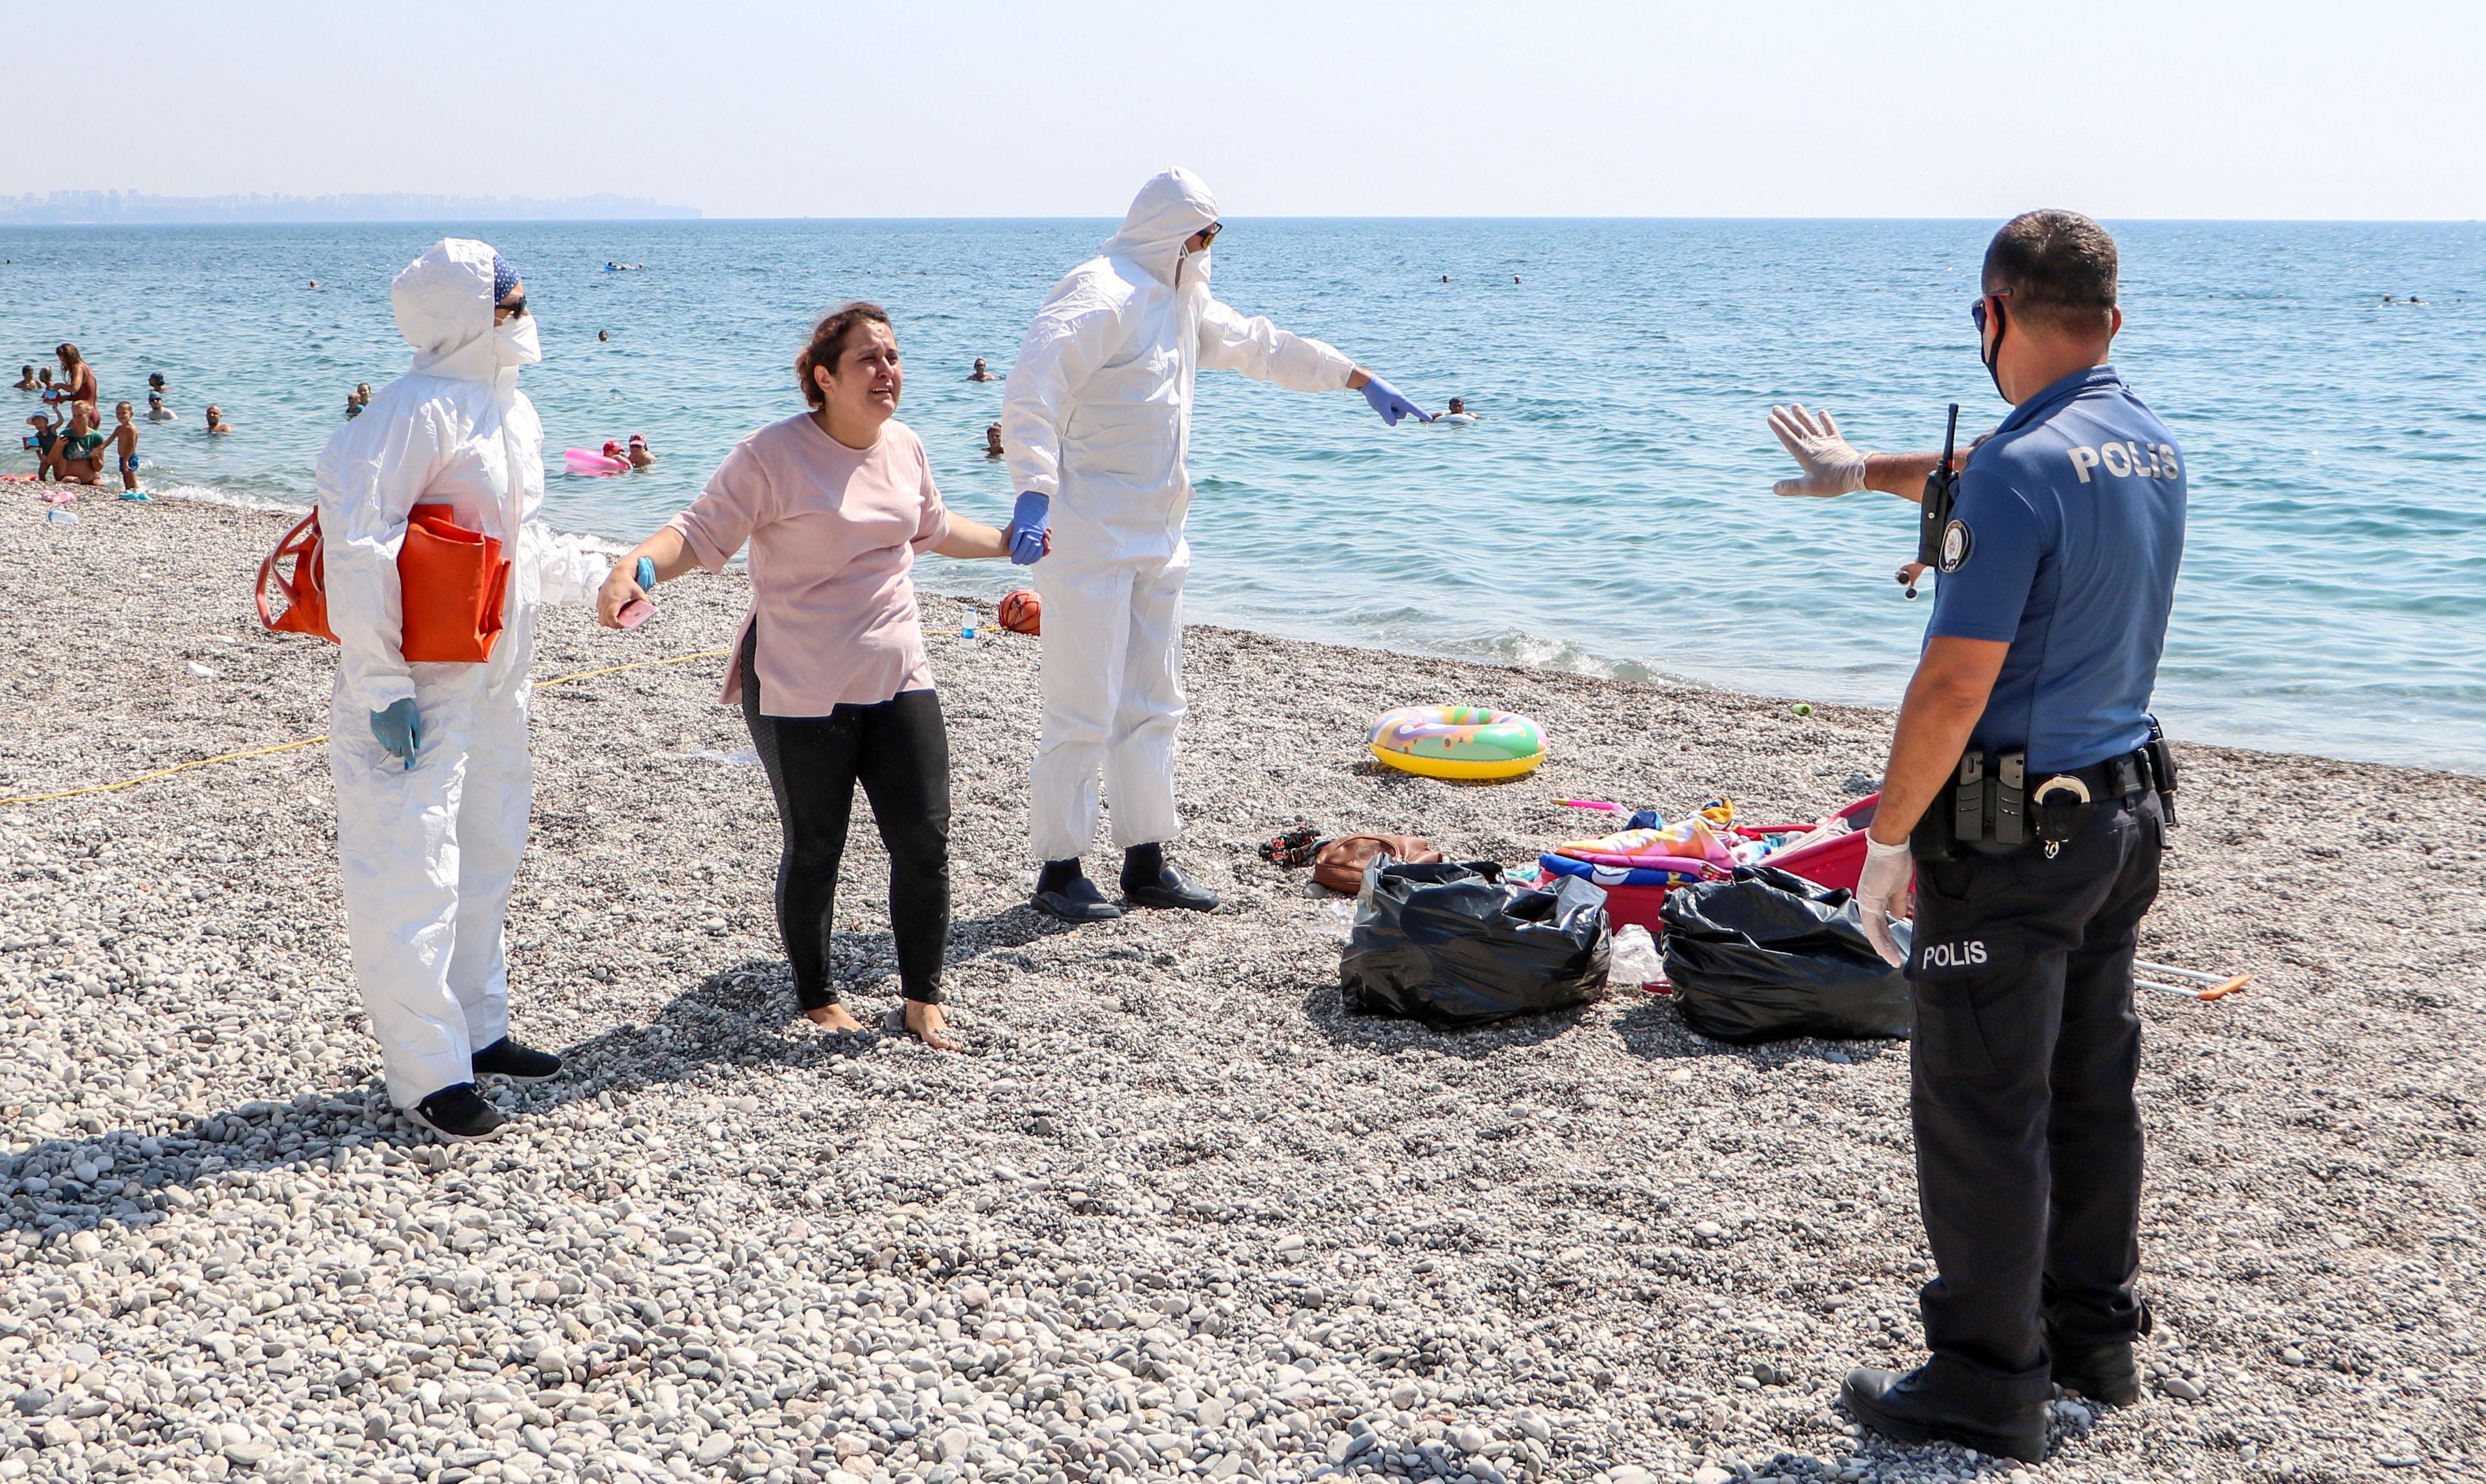 sahilde-olmek-istemiyorum-diye-aglayan-kadin-koronaviruslu-cikti-6844-dhaphoto9.jpg